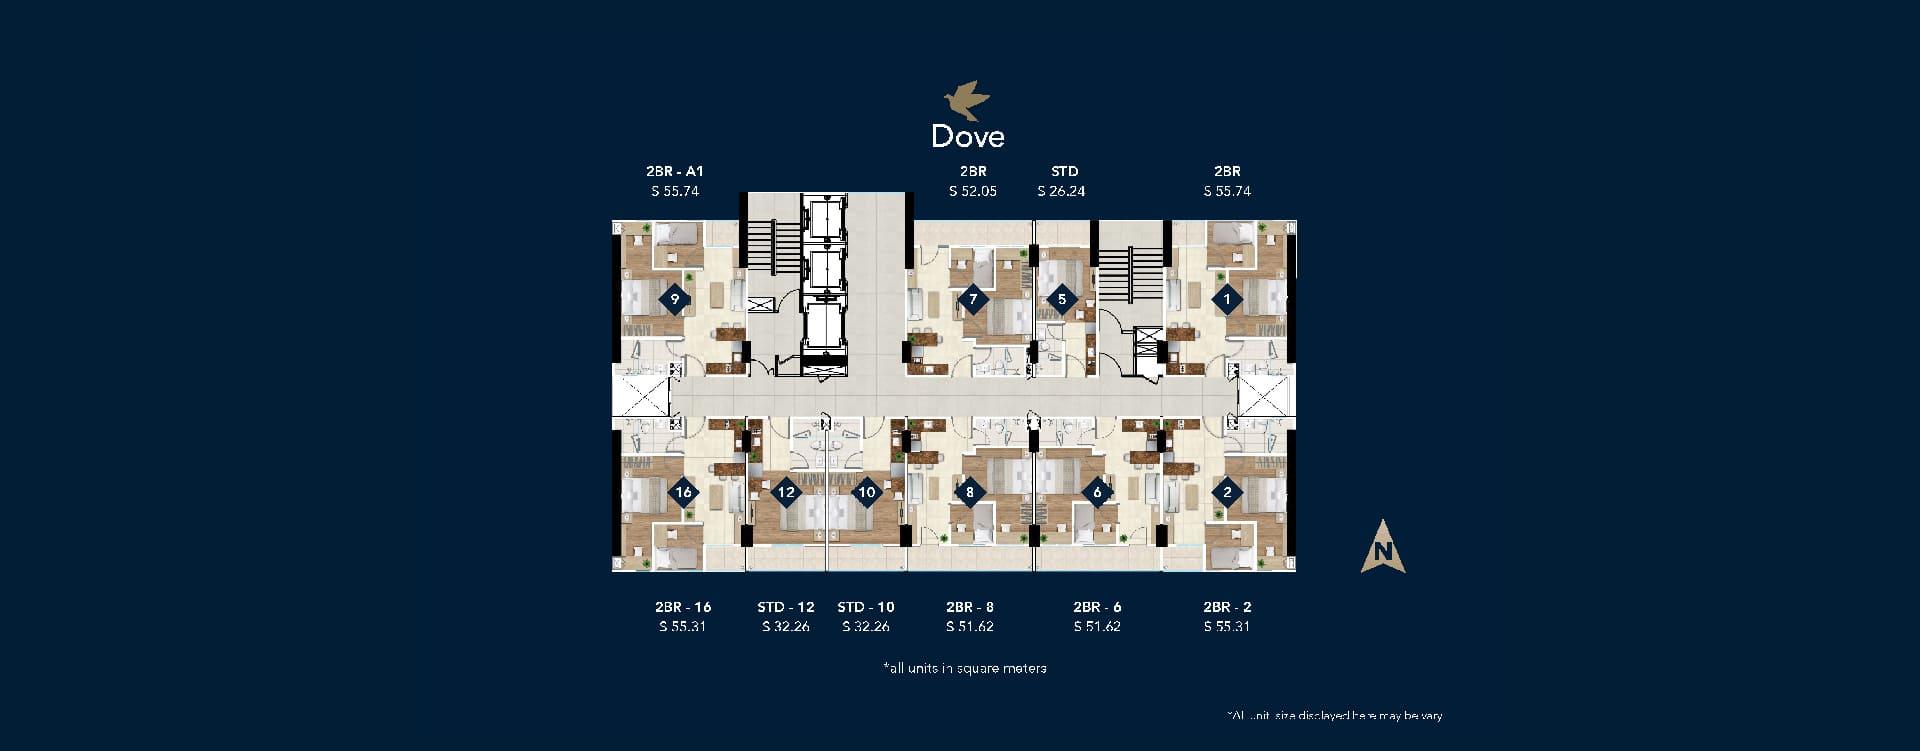 Site-Plan-Tower-Dove-Daan-Mogot-City